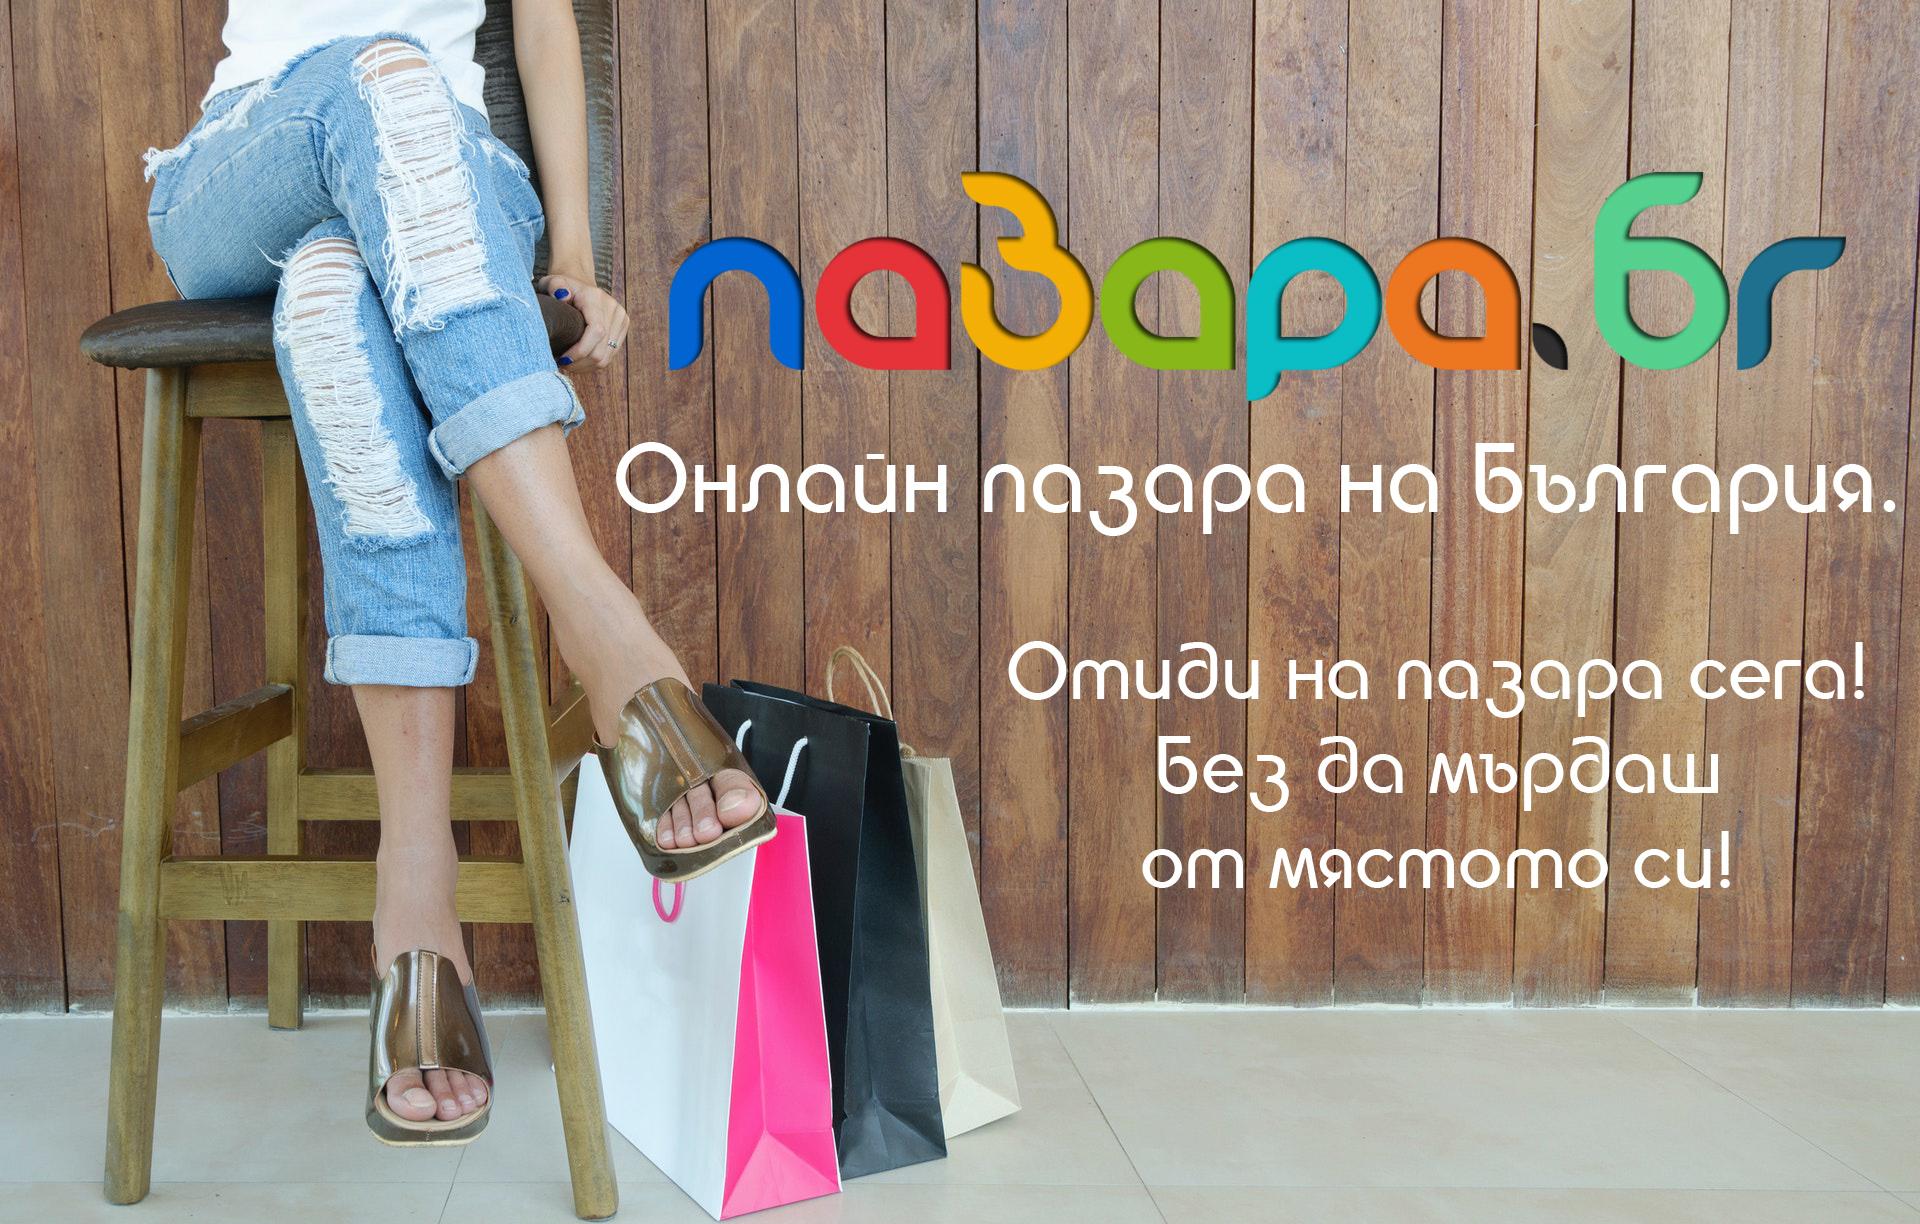 Добре дошли в Пазара на България Пазара.бг Продавалник - Безплатния сайт за обяви! OLX